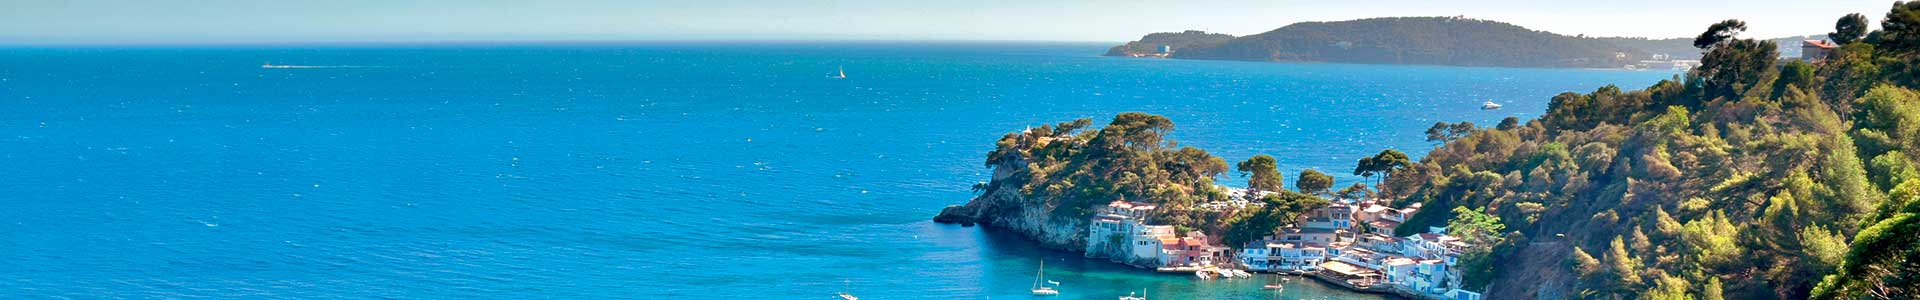 Vacances Provence Alpes Côte d'Azur - TUI